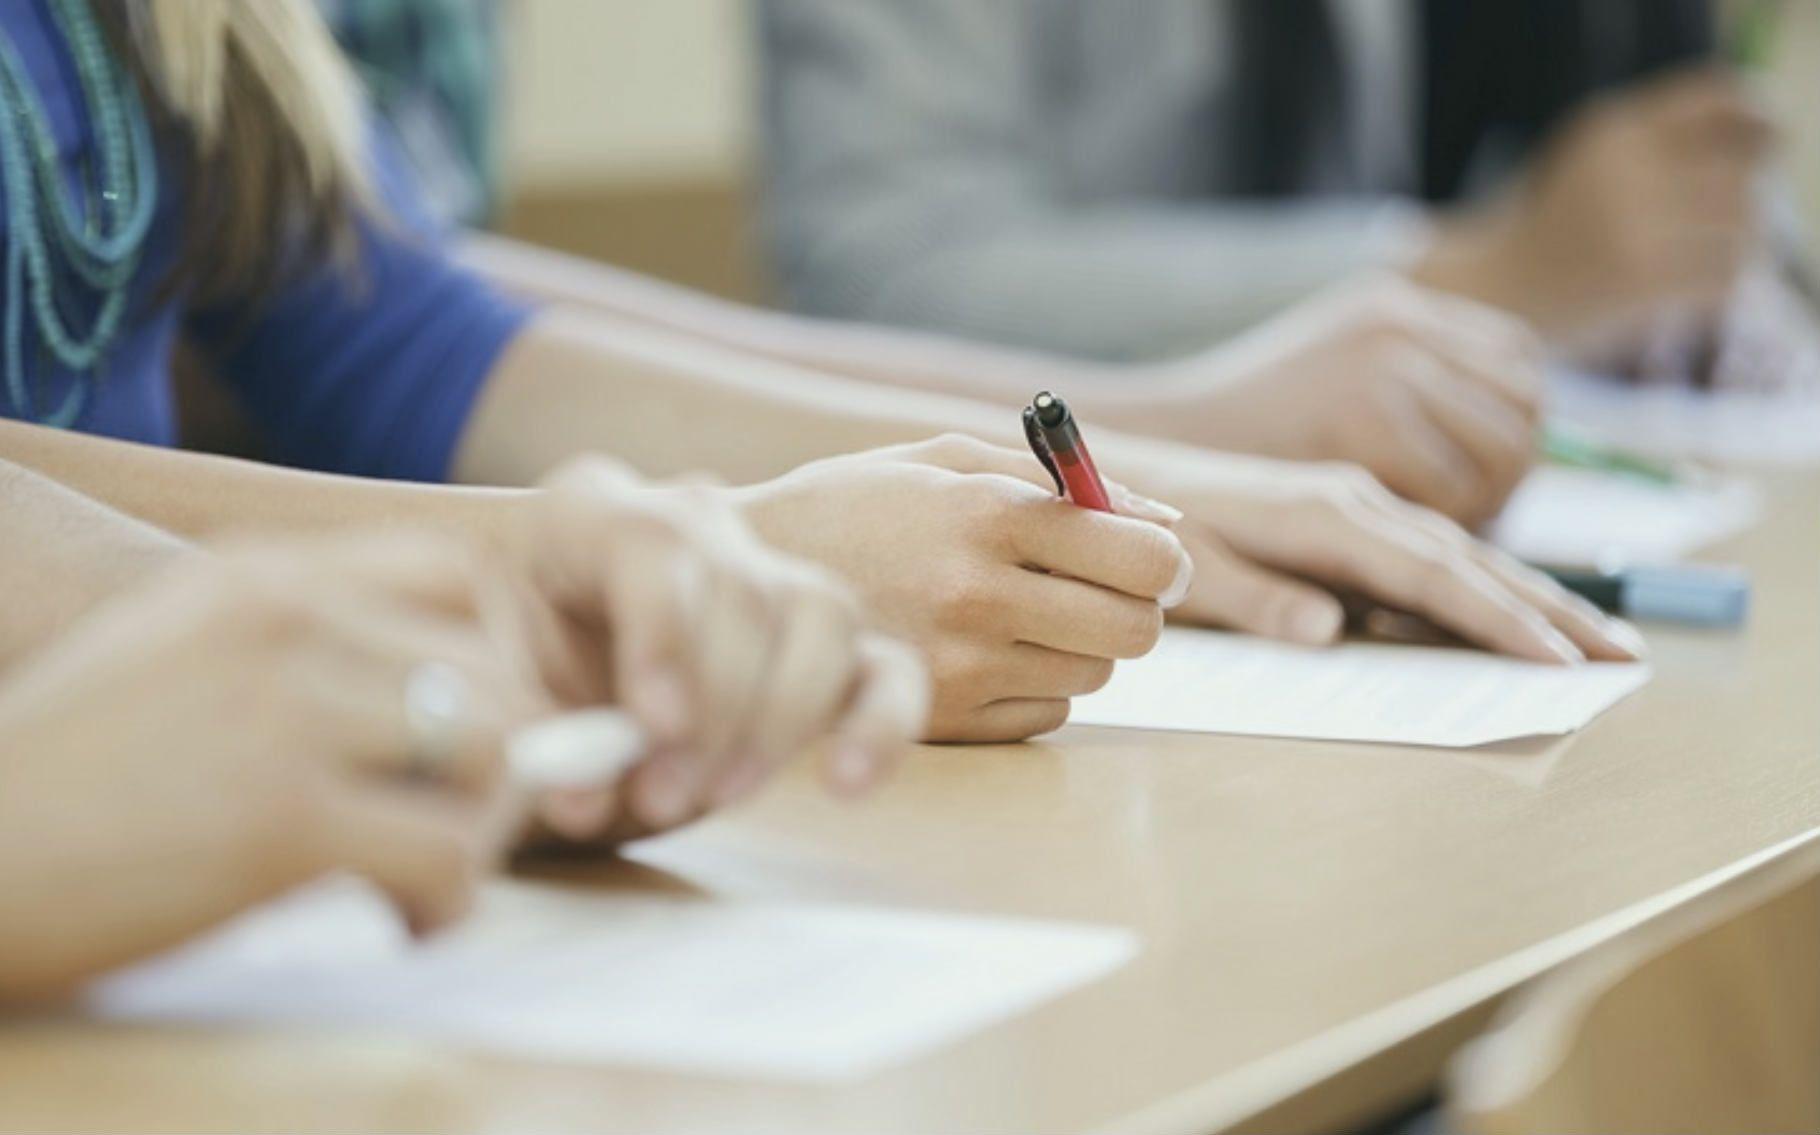 Καθηγητές ΔΙΕΚ προετοιμάζονται για αποχή από τις τελικές εξετάσεις ή και τη μη παράδοση βαθμολογιών